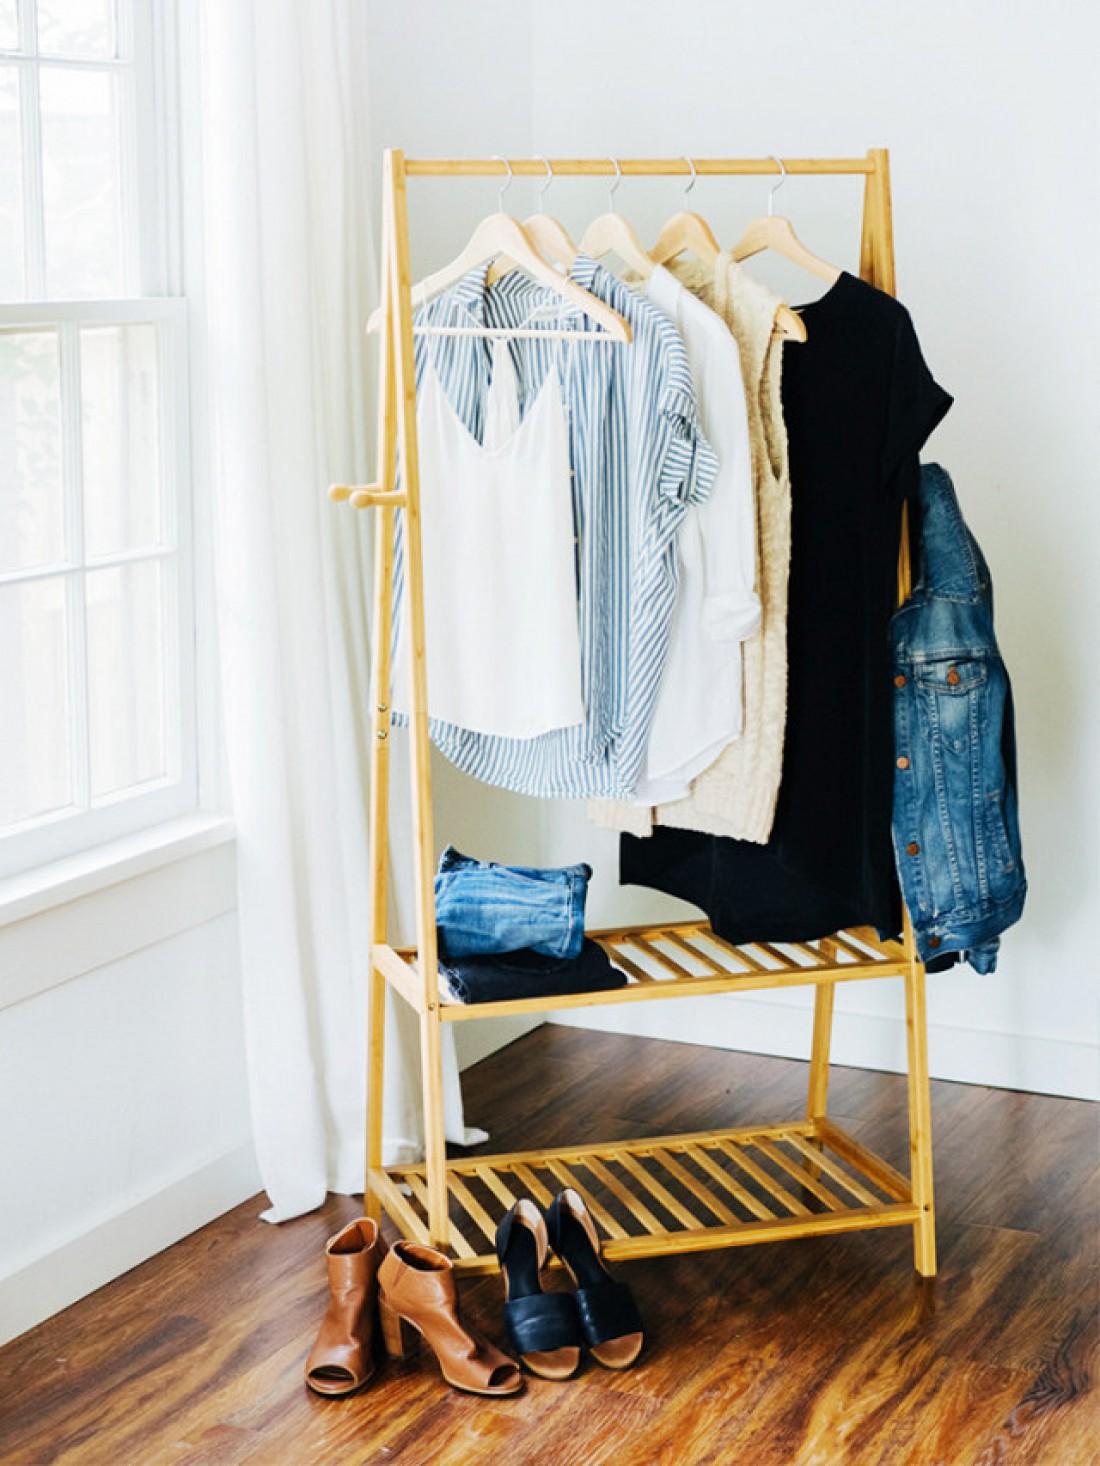 Не усложняй свою жизнь нестандартной одеждой (пока)